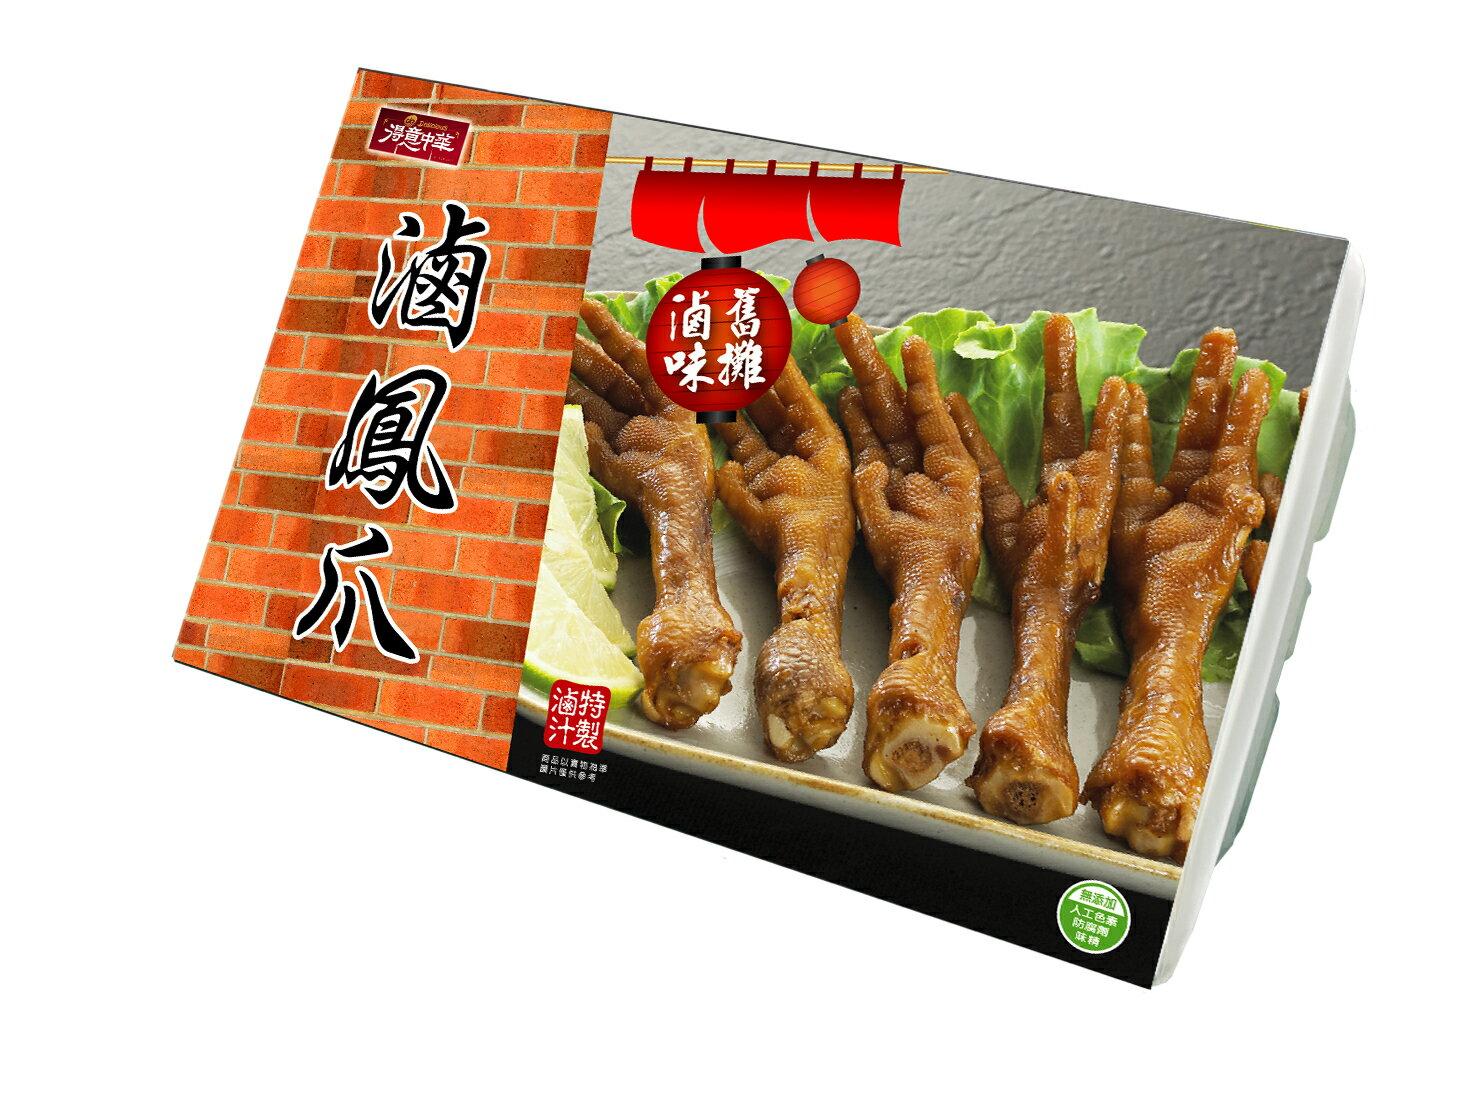 【曉風】滷味台式滷鳳爪*得意中華舊攤滷味系列 0